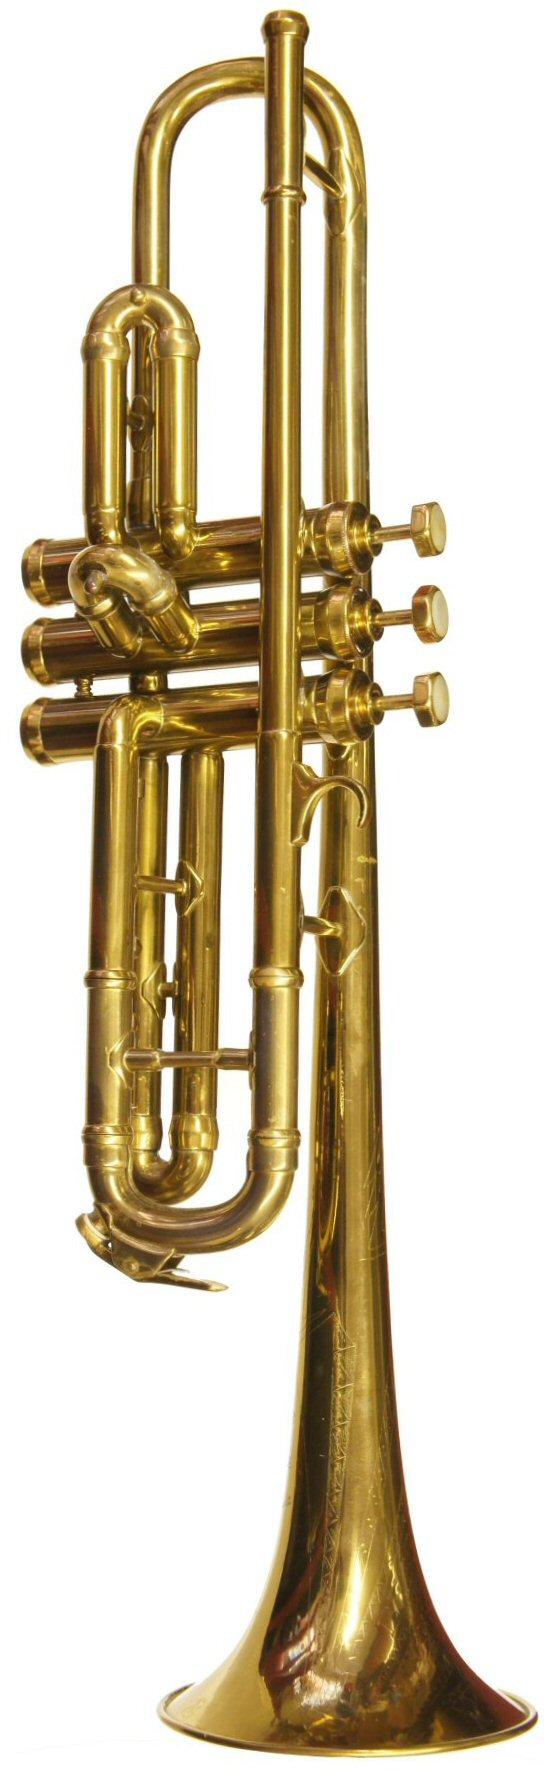 Besson International Trumpet C1942